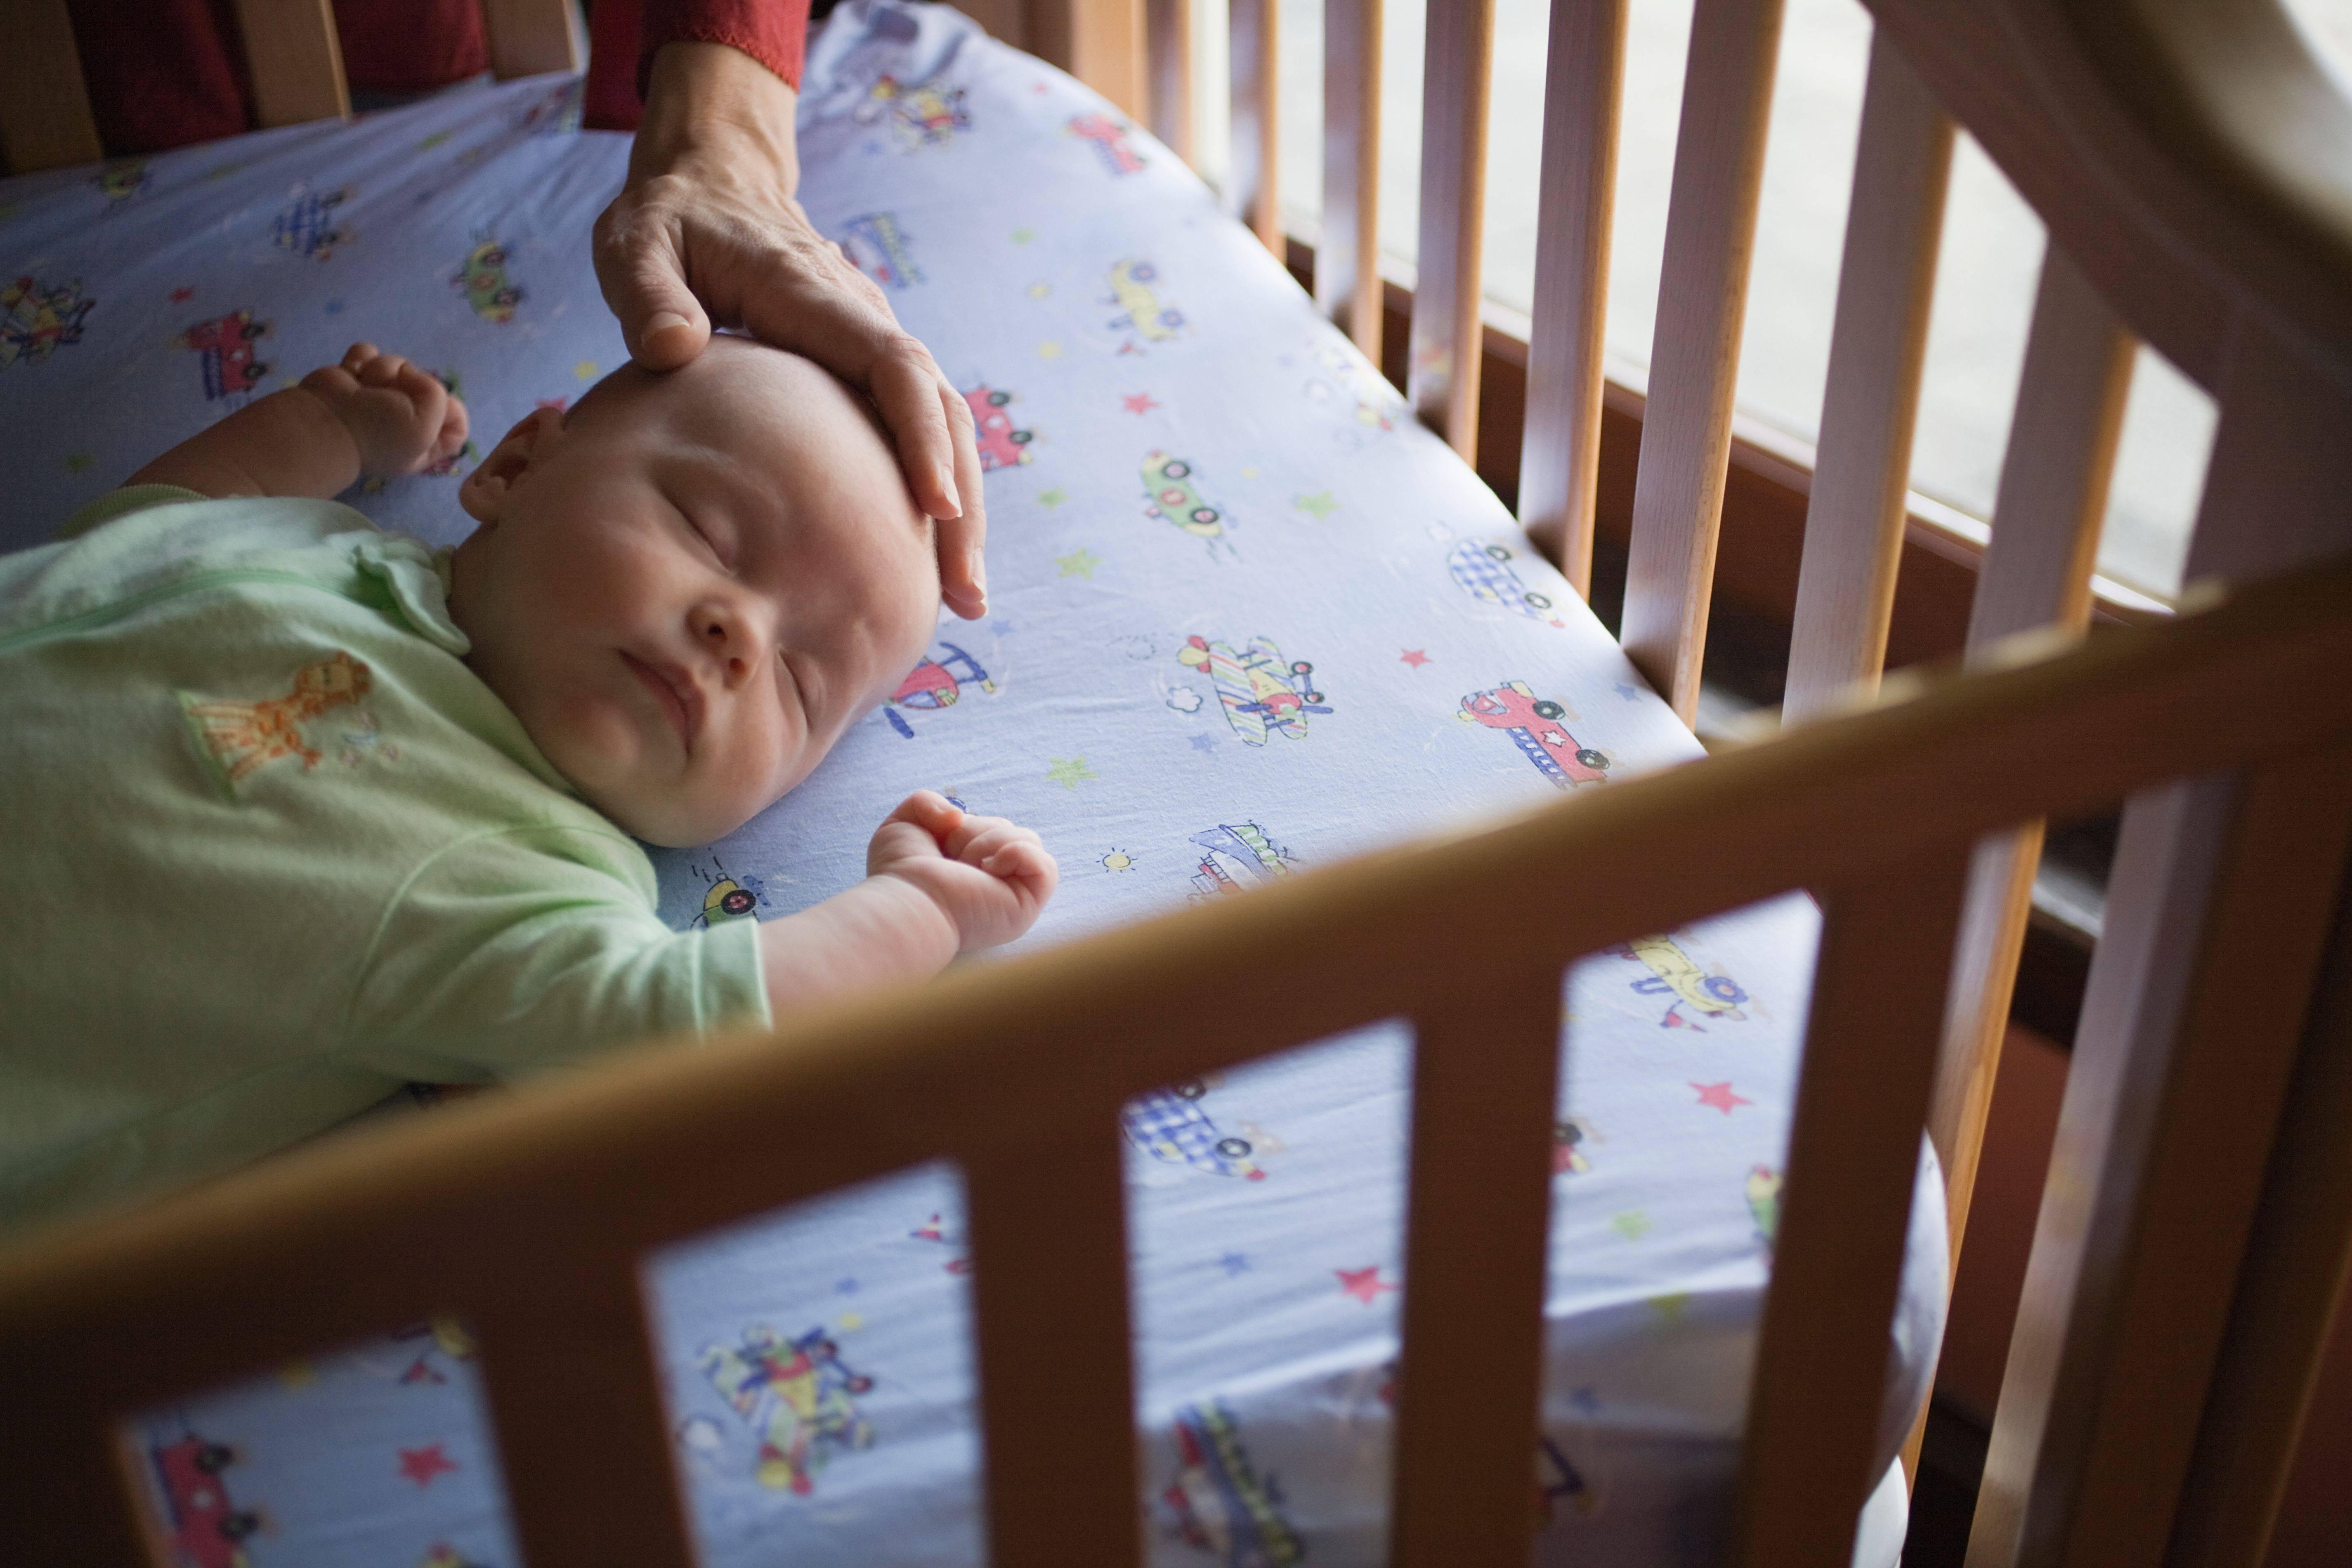 Причины, из-за которых малыш плохо спит в светлое время суток. что предпринять маме, чтобы наладить дневной сон младенца?